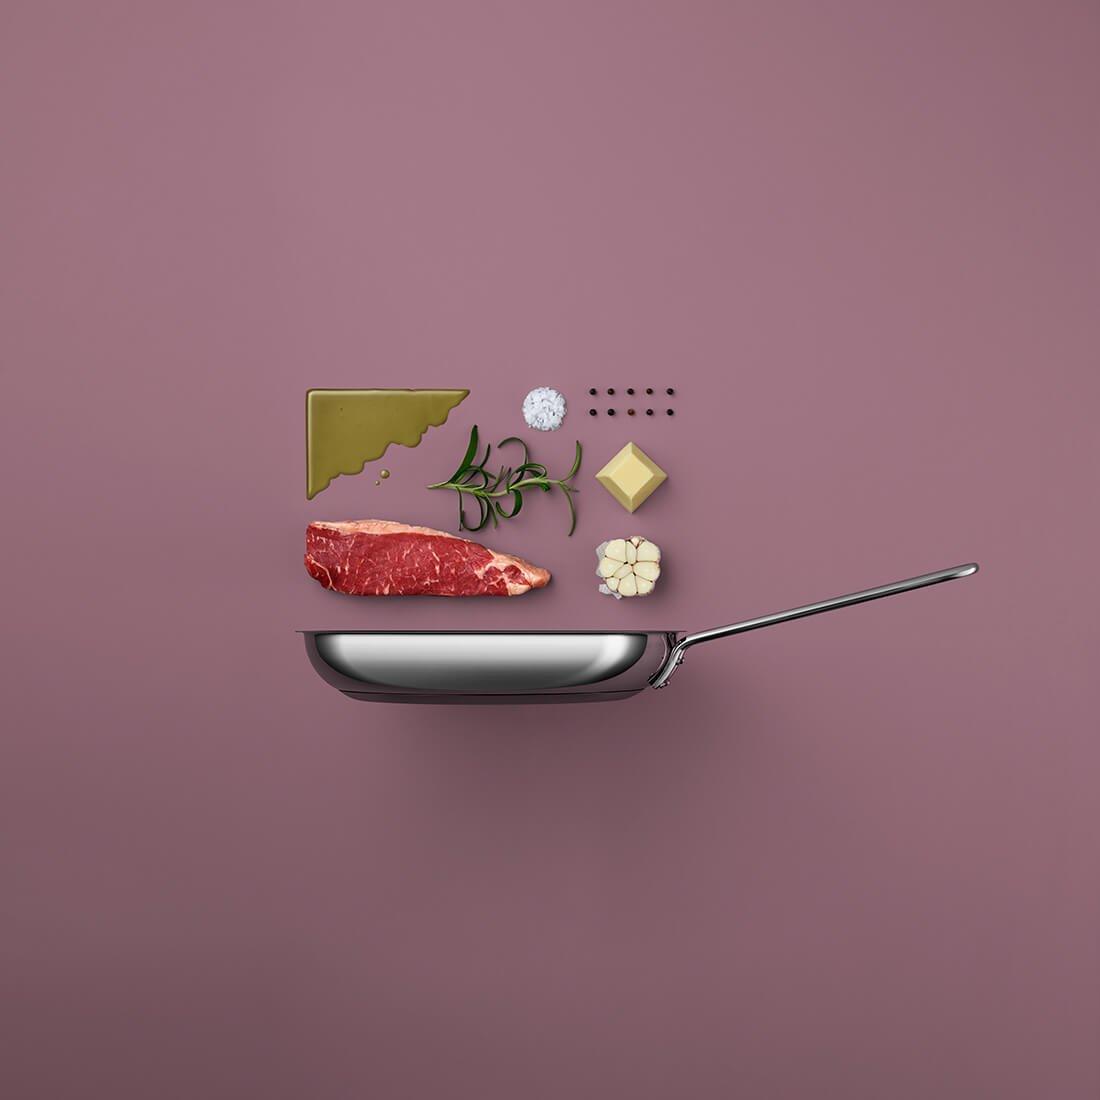 Рецепты из компонентов еды, Стильные фото 9